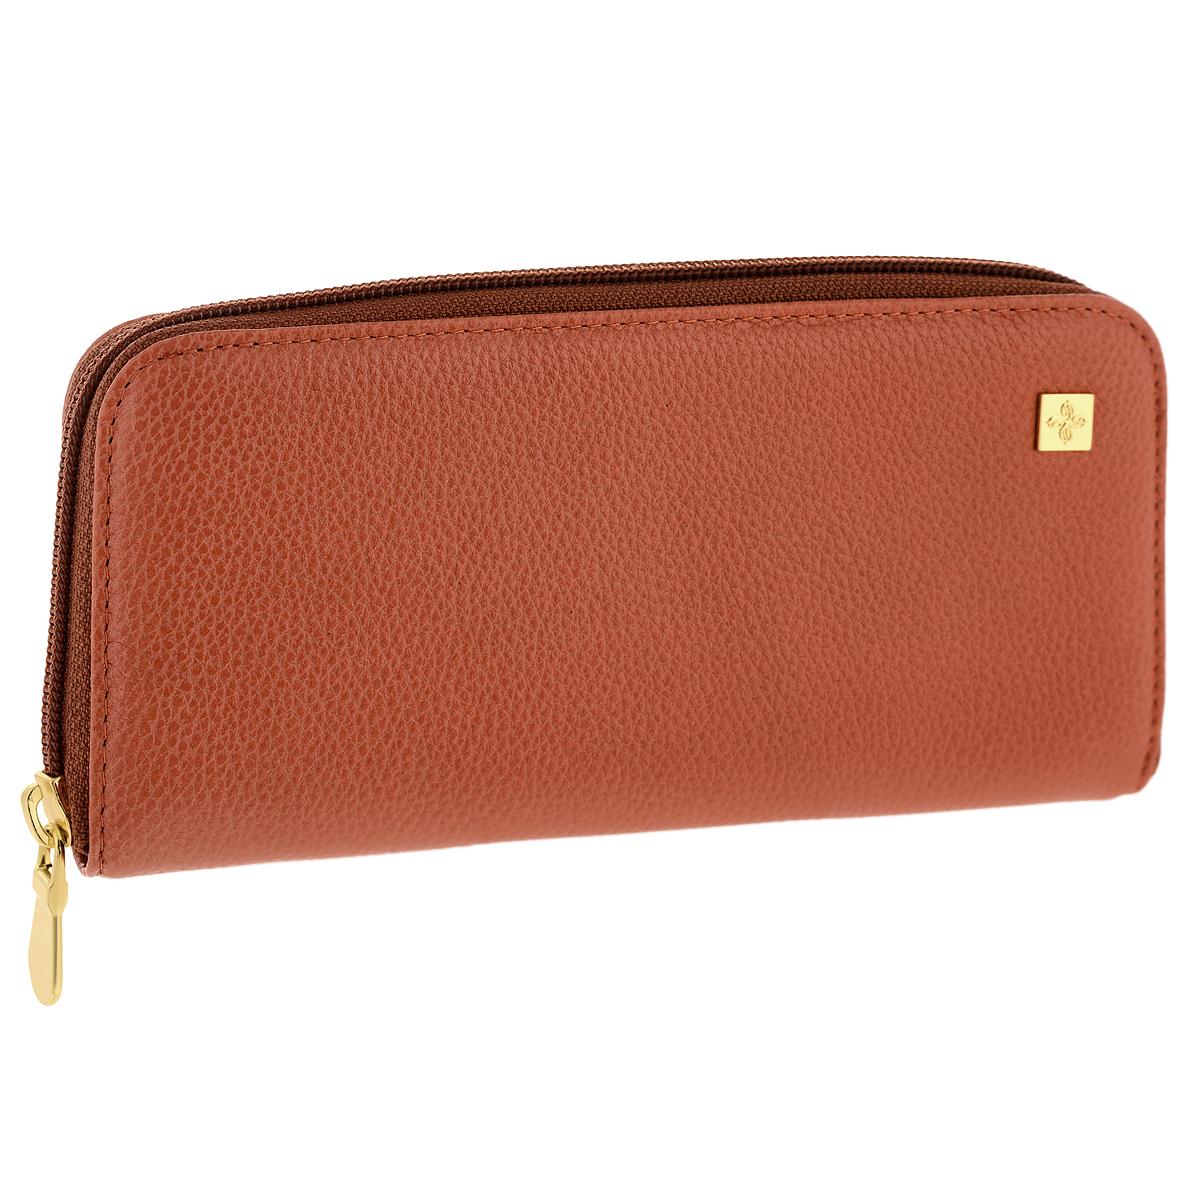 Портмоне женское Dimanche Corail, цвет: коралловый. 9462-037-009Стильное женское портмоне Corail выполнено из высококачественной натуральной кожи с матовой поверхностью. Портмоне закрывается на застежку-молнию. Внутри - четыре отделения для купюр, шесть кармашков для визиток, карман на молнии для монет, горизонтальный карман для чеков и бумаг, вшитый кармашек на молнии и шесть кармашков для визиток или кредитных карт.Портмоне упаковано в фирменную картонную коробку. Характеристики:Материал: натуральная кожа, текстиль, металл. Размер портмоне: 19 см х 8,5 см х 2,5 см. Цвет: коралловый.